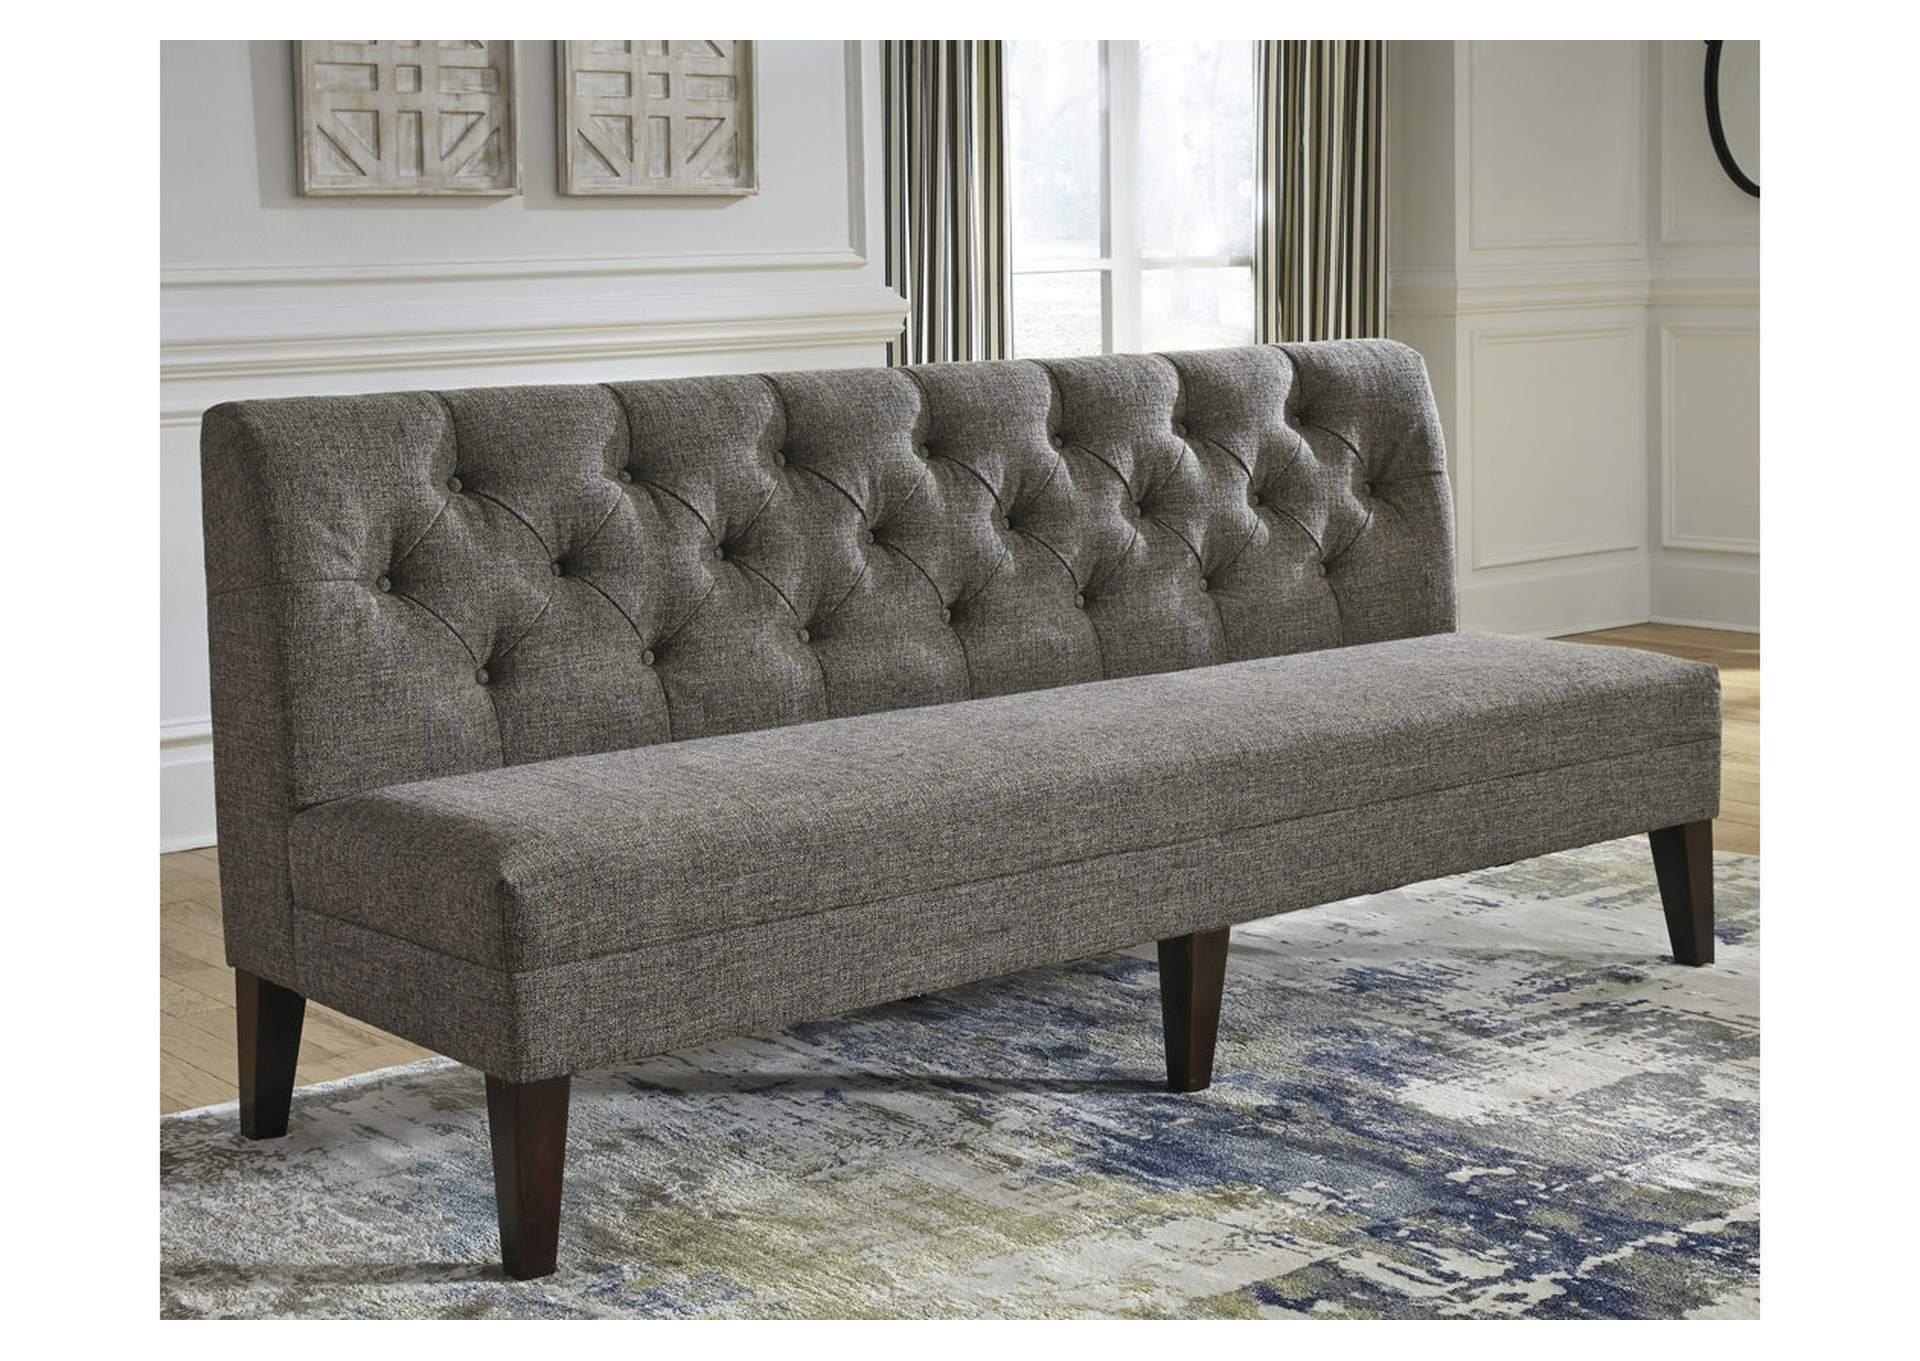 Extra Large Upholstered Dining Room Bench Alabama Furniture Market